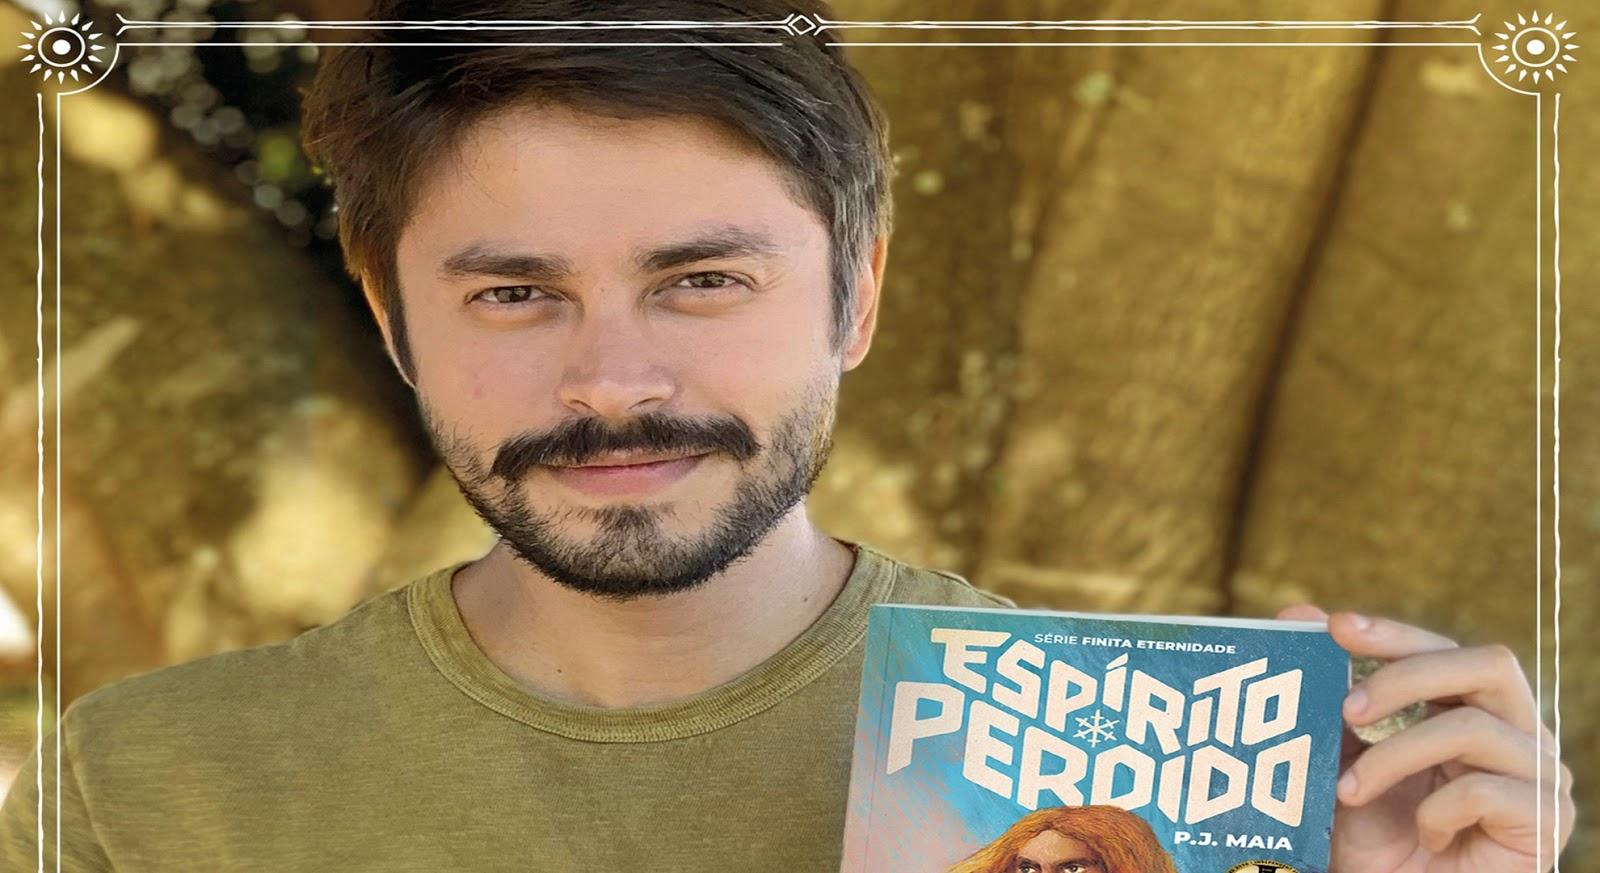 Espírito Perdido - Autor Brasileiro ganha 2 prêmios internacionais.